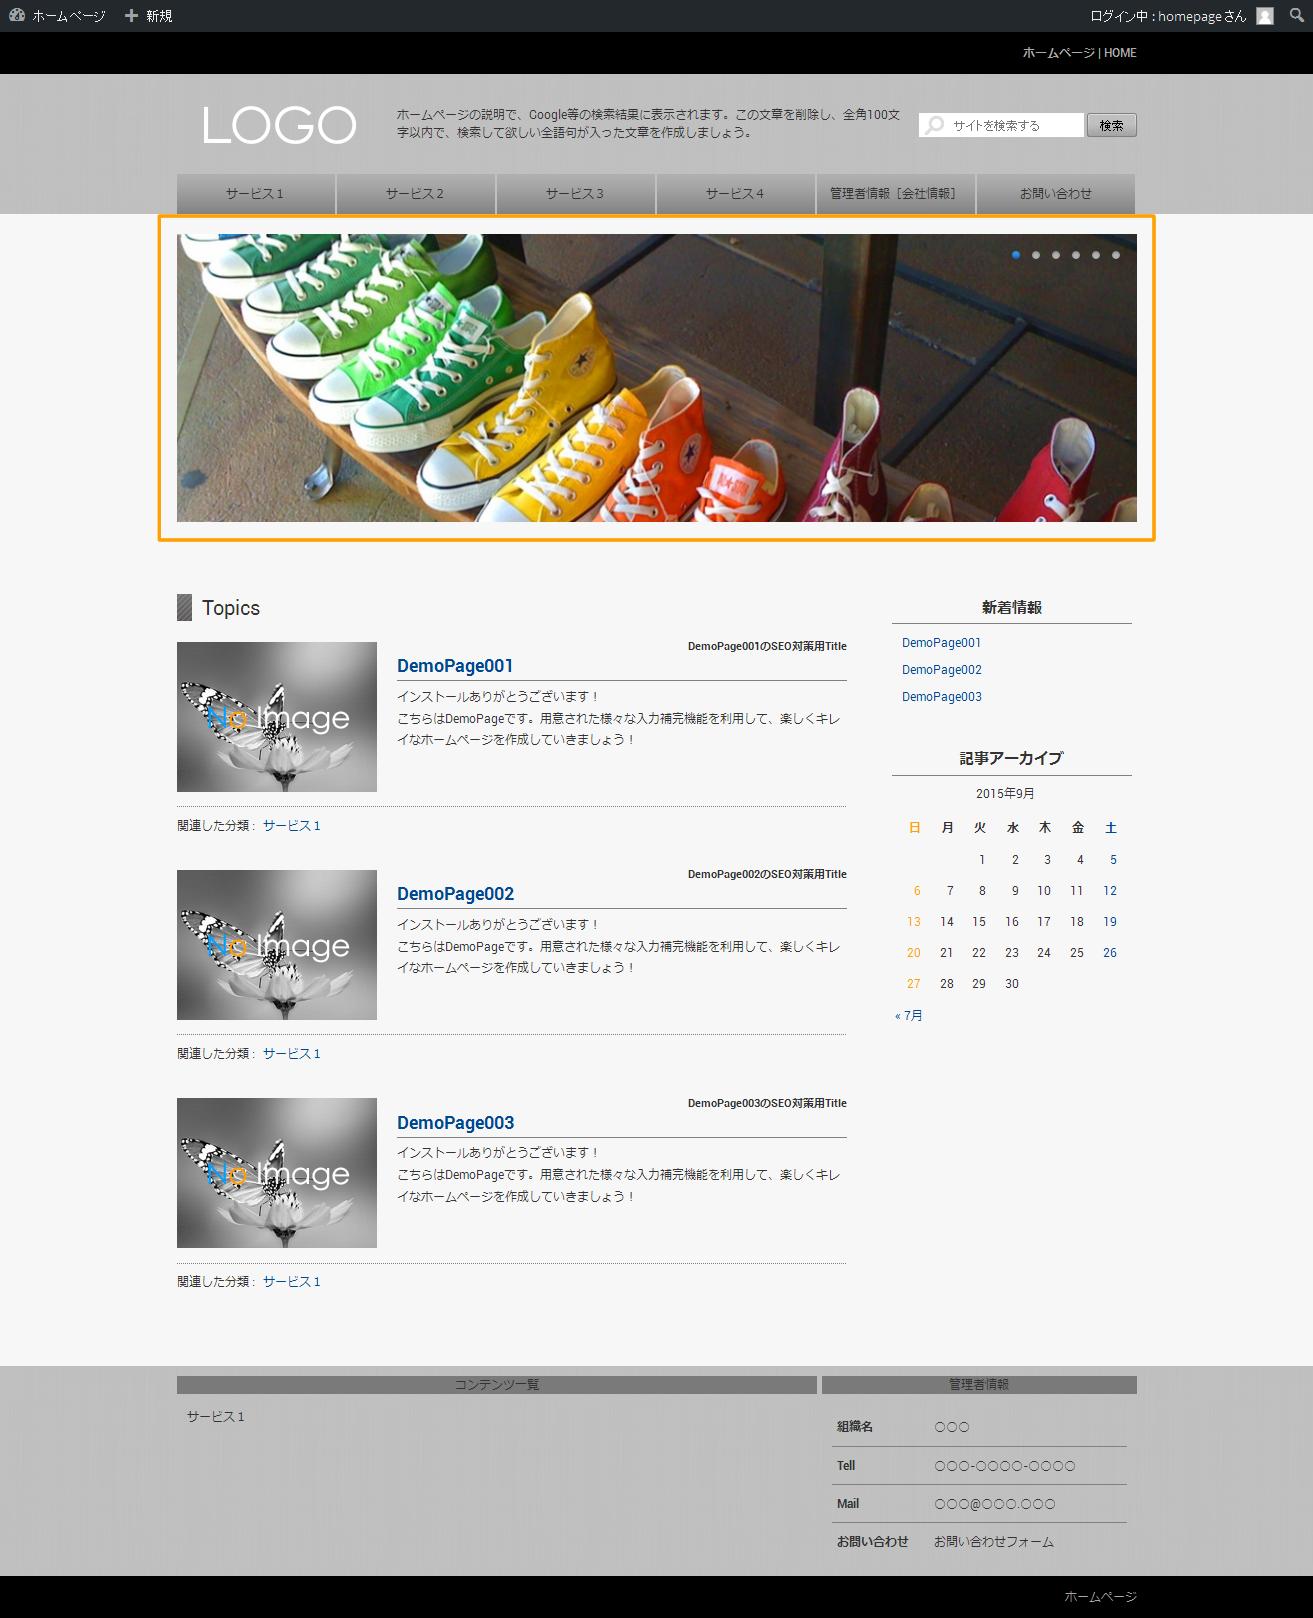 ホームページ 上部メイン画像 | 初期費用無料ホームページ作成サイト - FunMaker